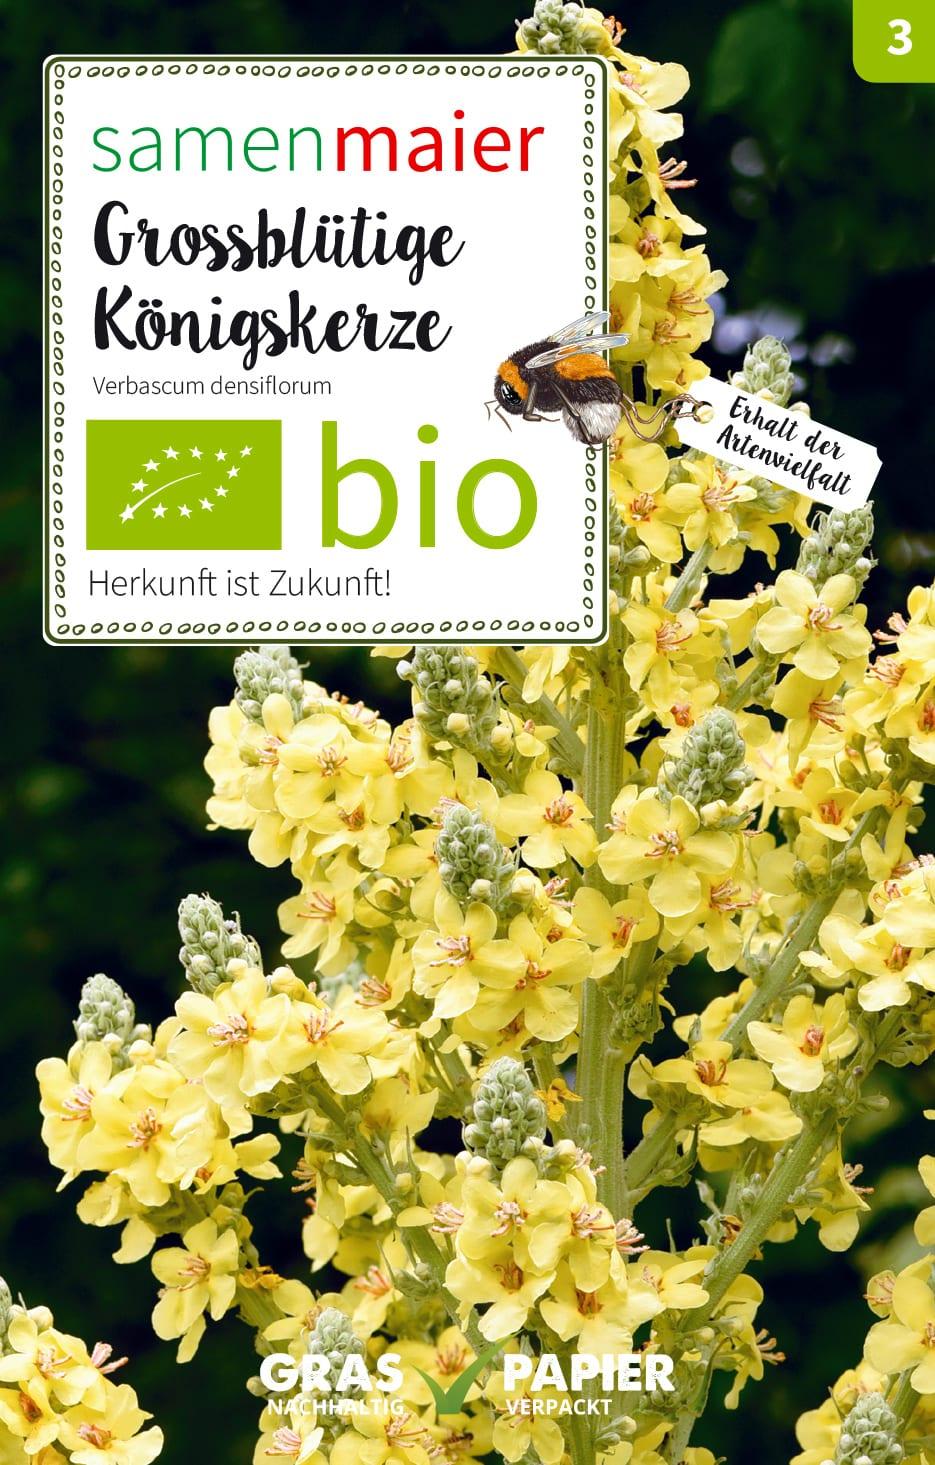 ** Die schönen gelben Blüten werden gerne von Insekten besucht Königskerze !